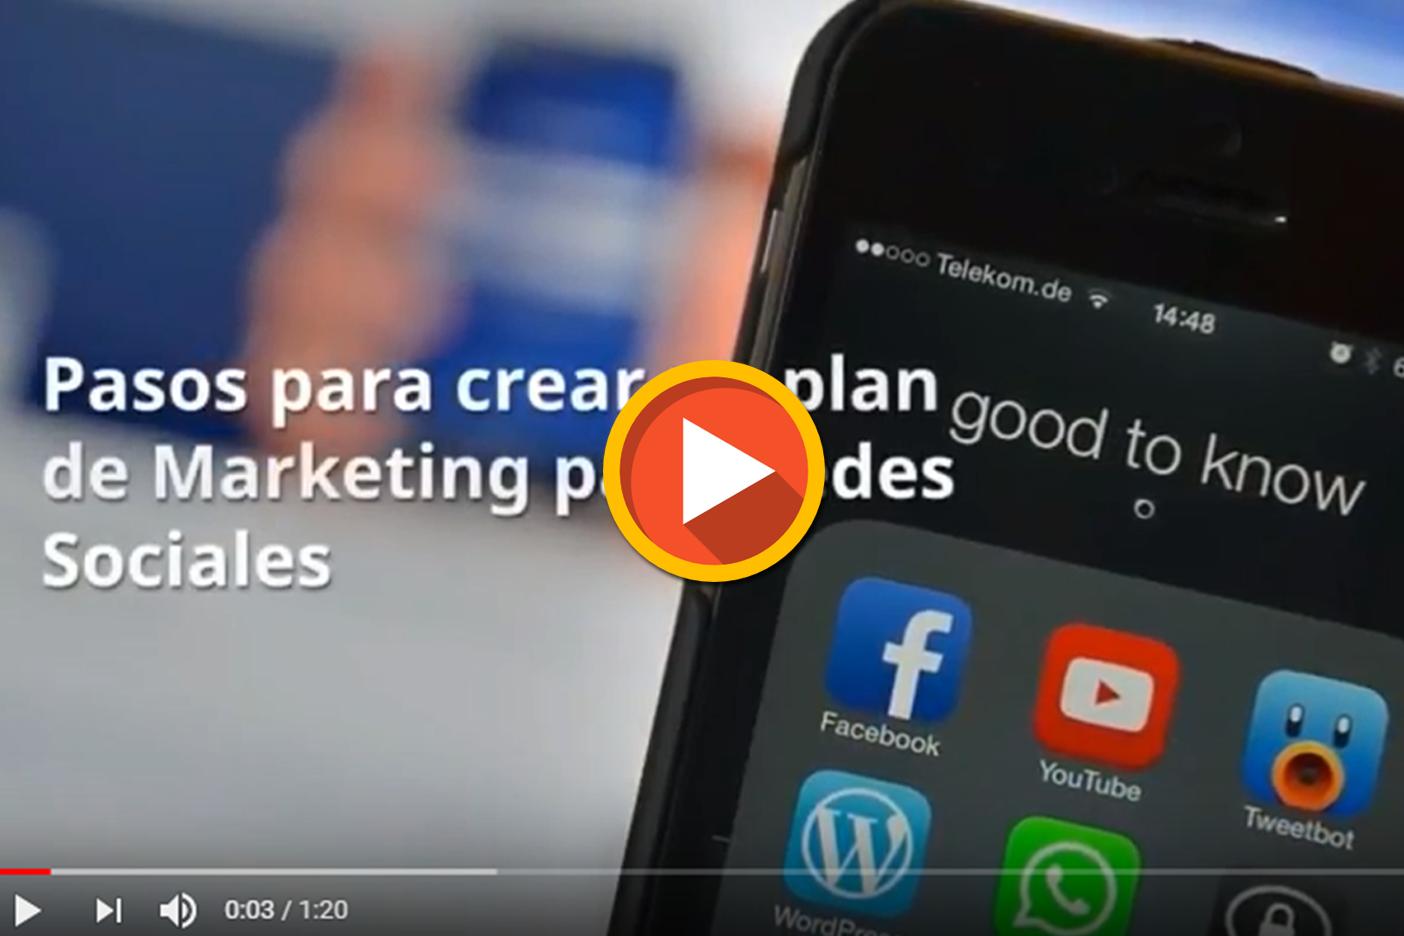 plan de Marketing para Redes Sociales